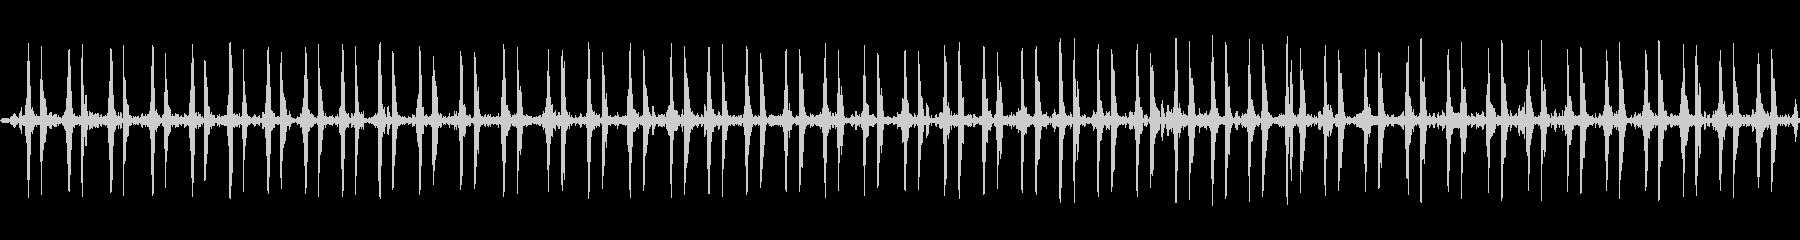 【特殊音】心臓の音の未再生の波形